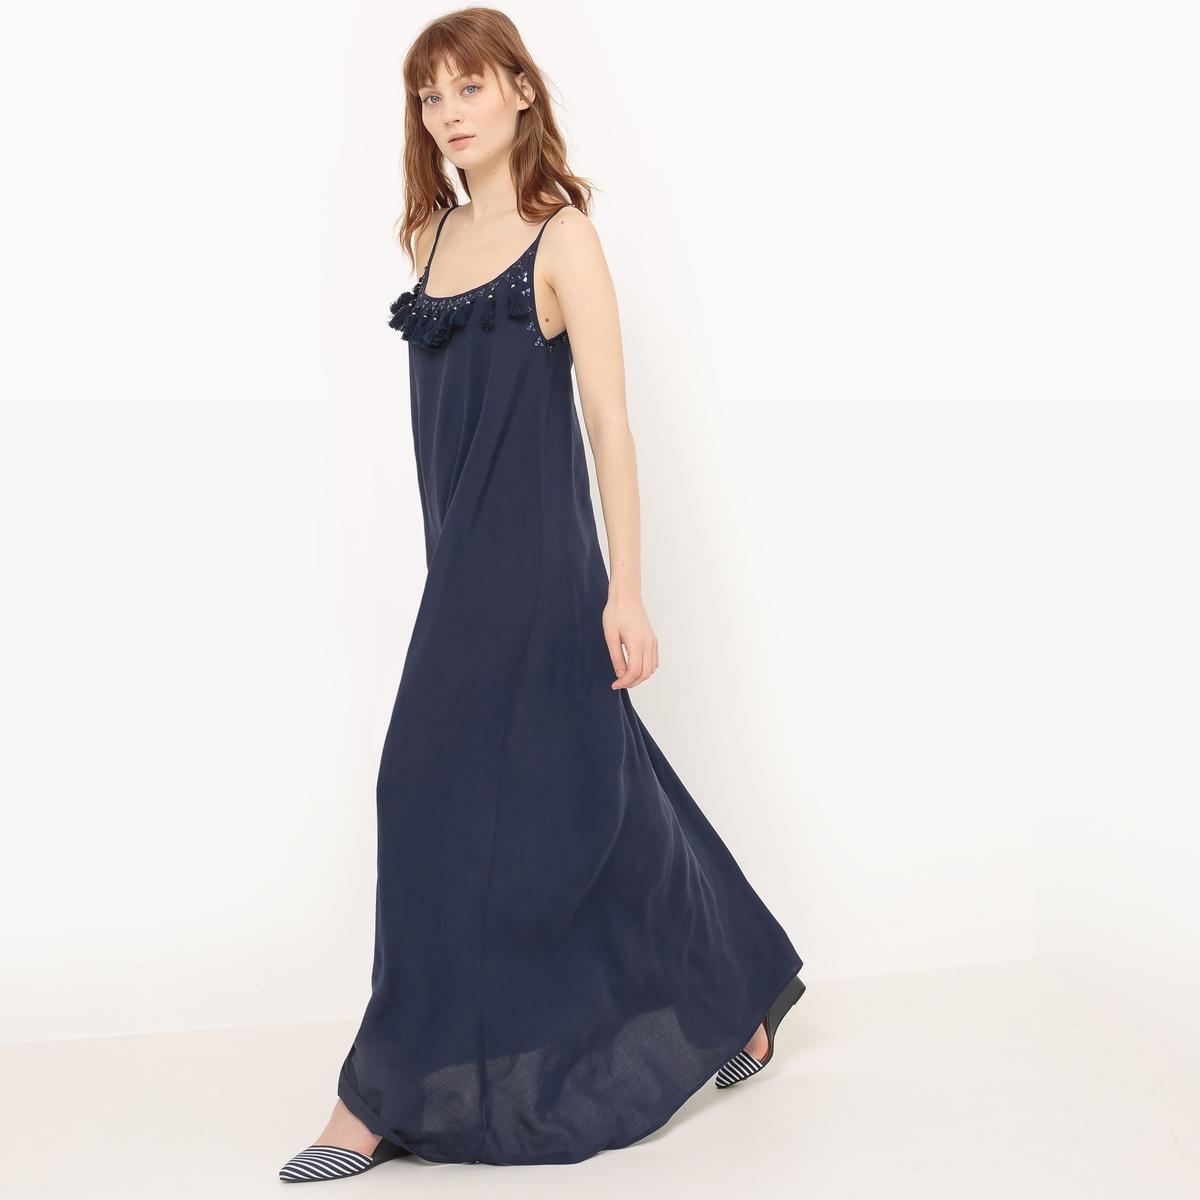 Платье длинное с тонкими бретелями и вышивкойМатериал : 100% вискоза  Длина рукава : тонкие бретели  Форма воротника : круглый вырез Покрой платья : длинное платье Рисунок : однотонная модель   Длина платья : длинное<br><br>Цвет: темно-синий<br>Размер: M/L.XS/S